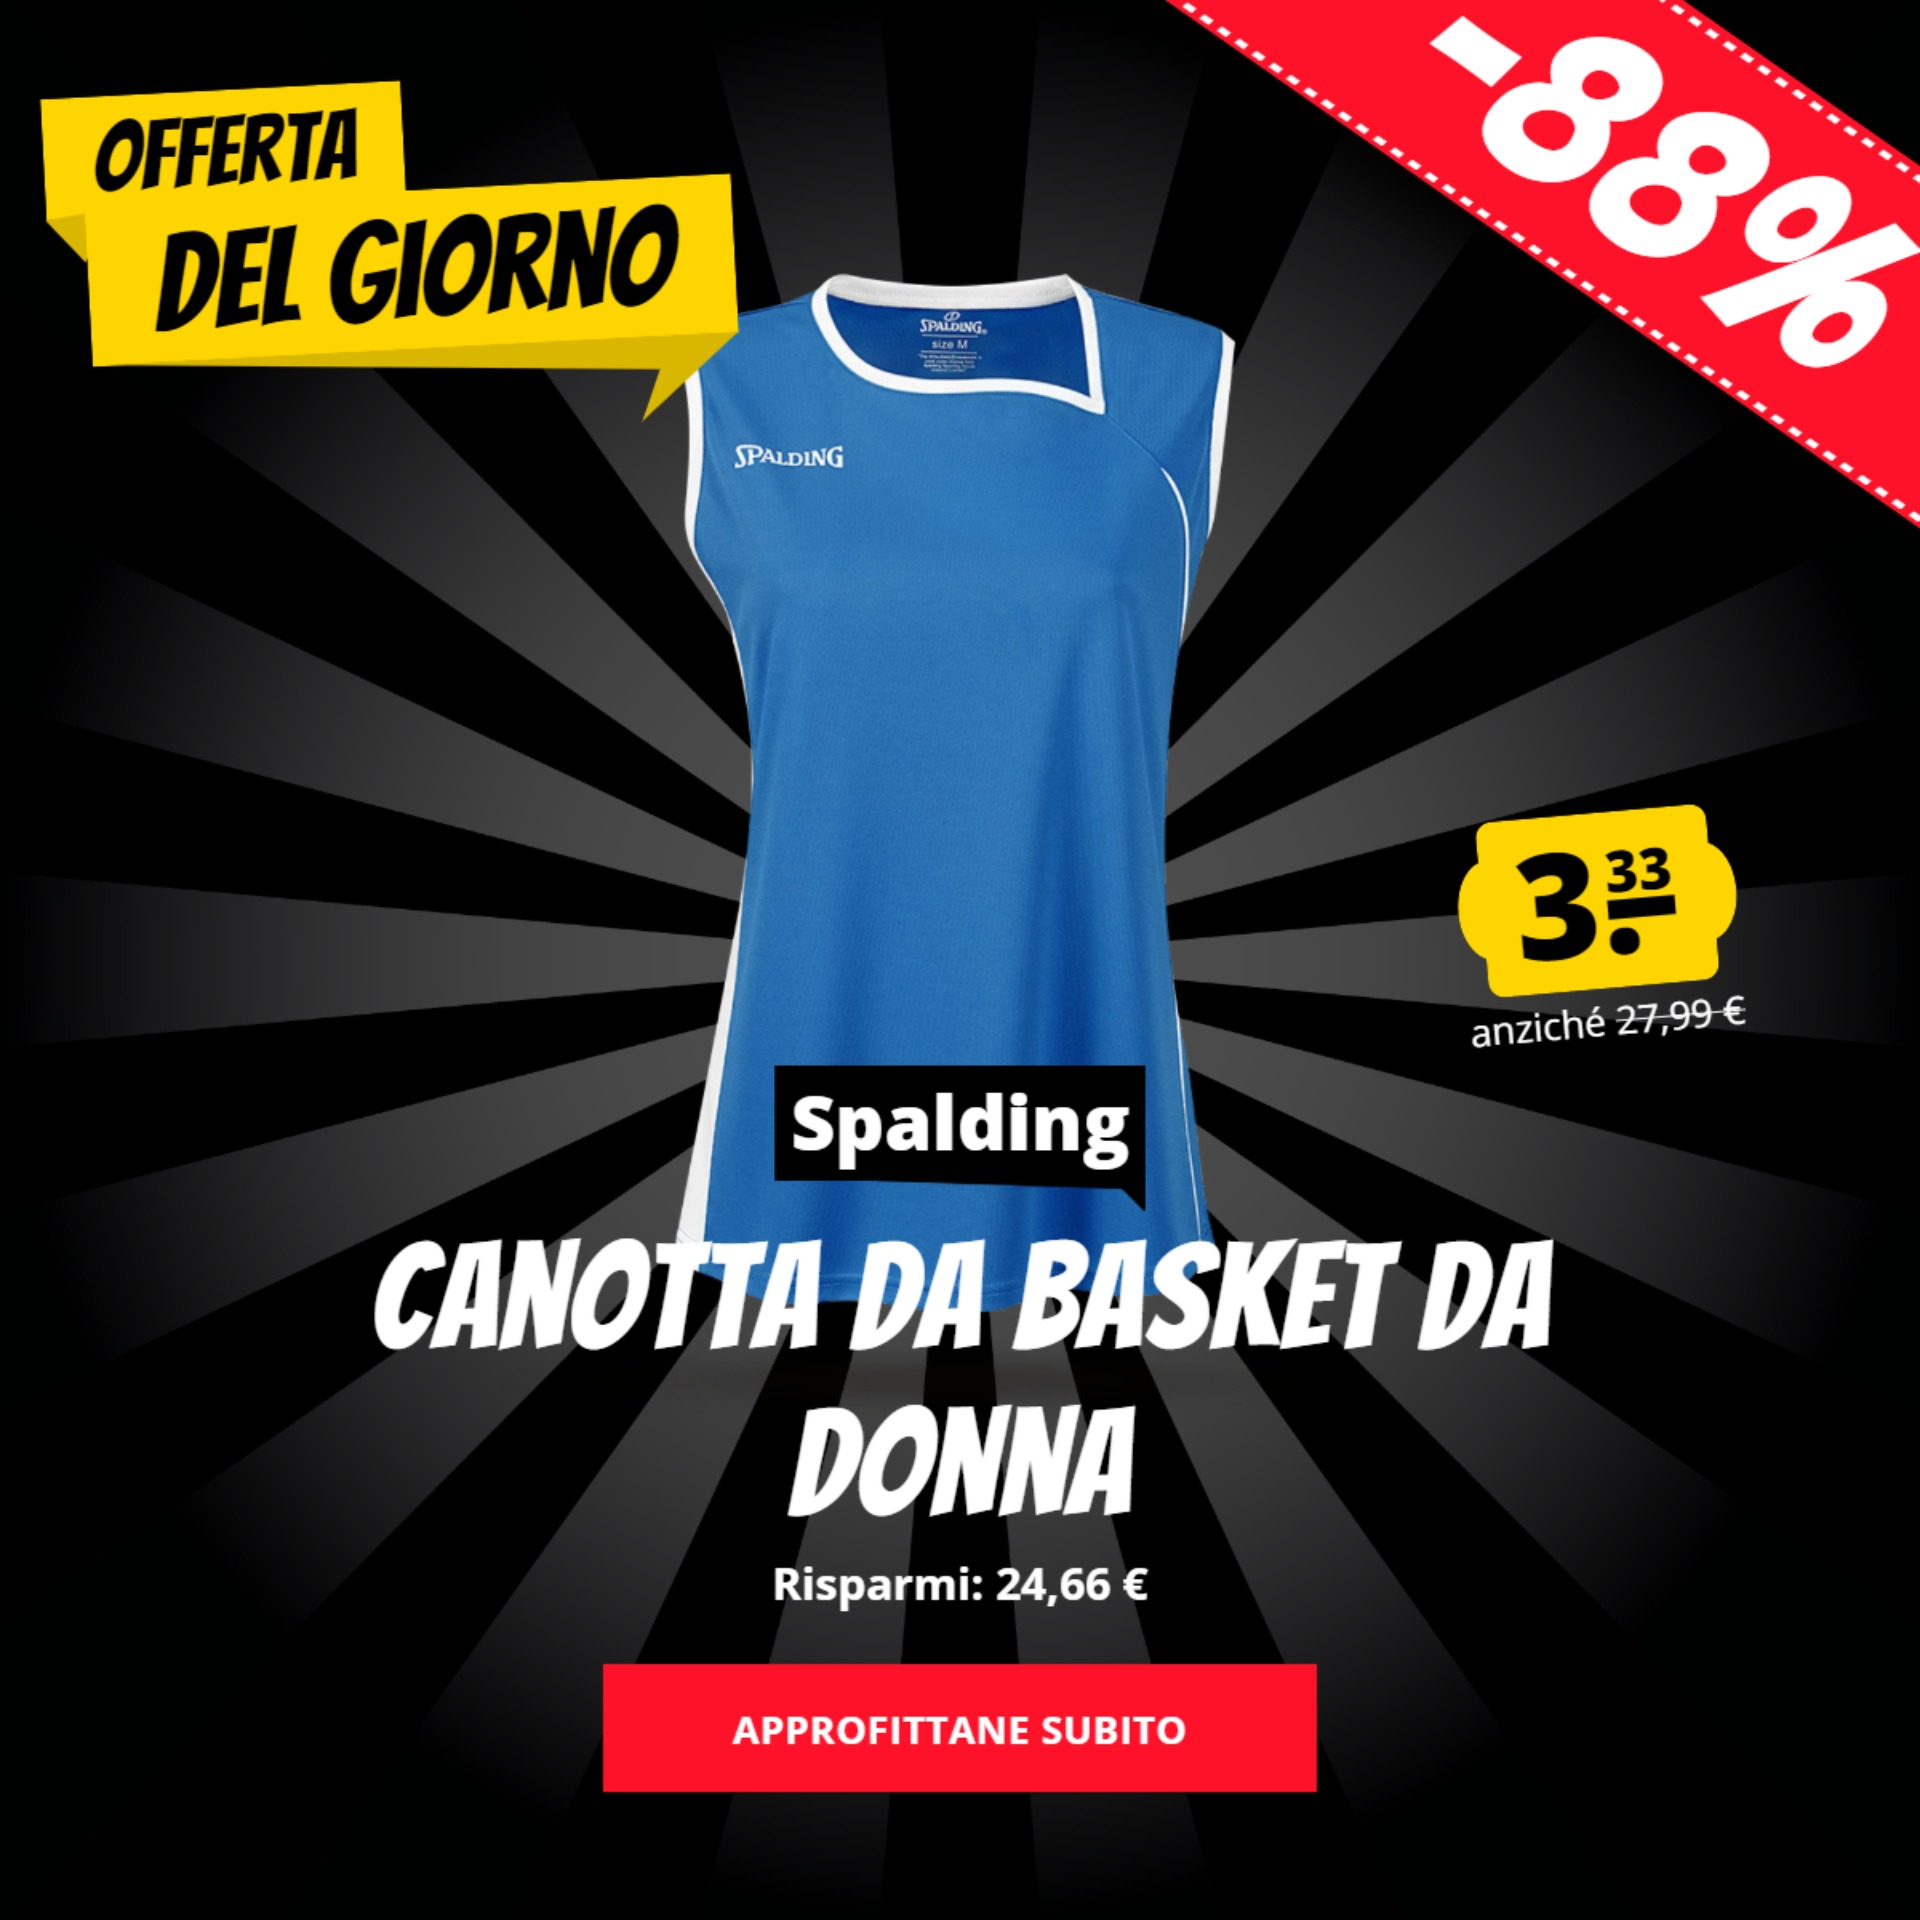 Canotta da basket da donna Spalding solo 3,33 €